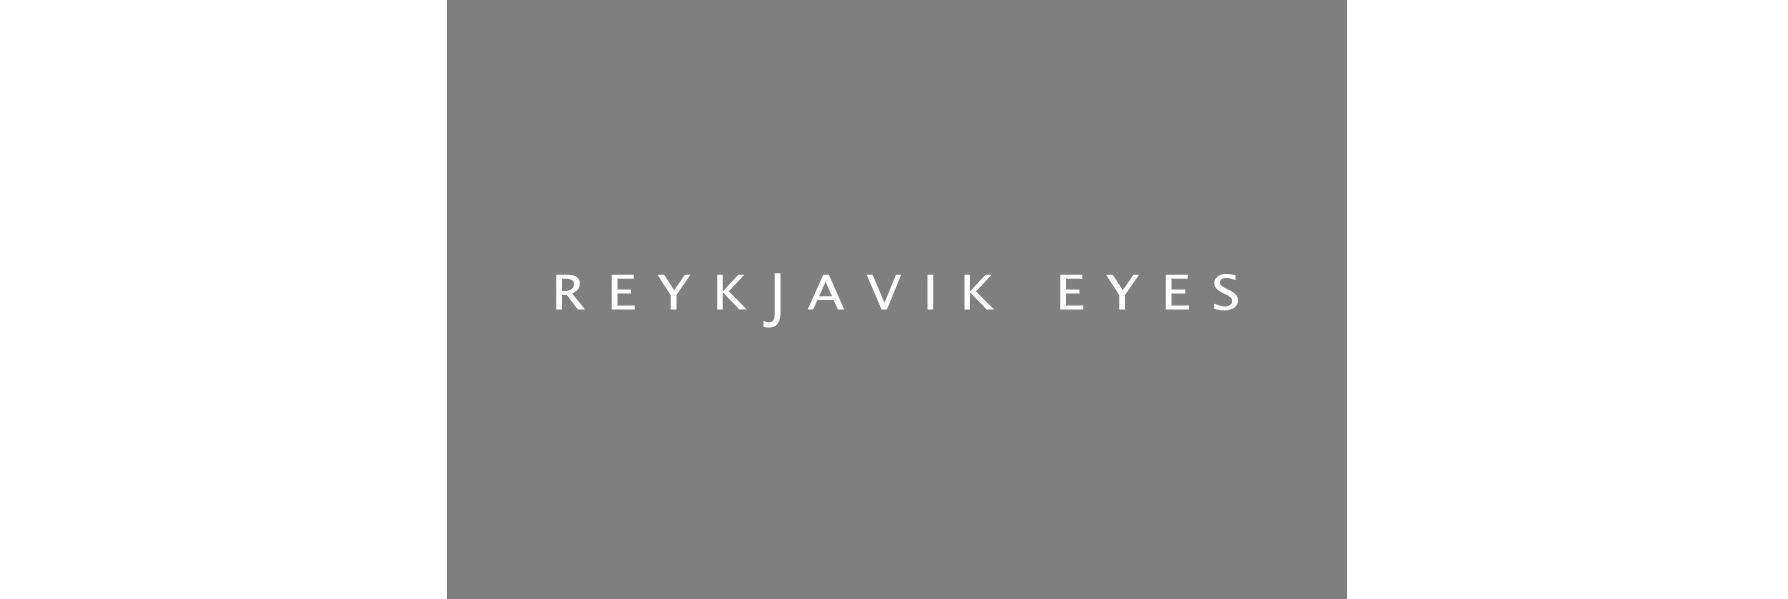 Reykjavik Eyes eyewear